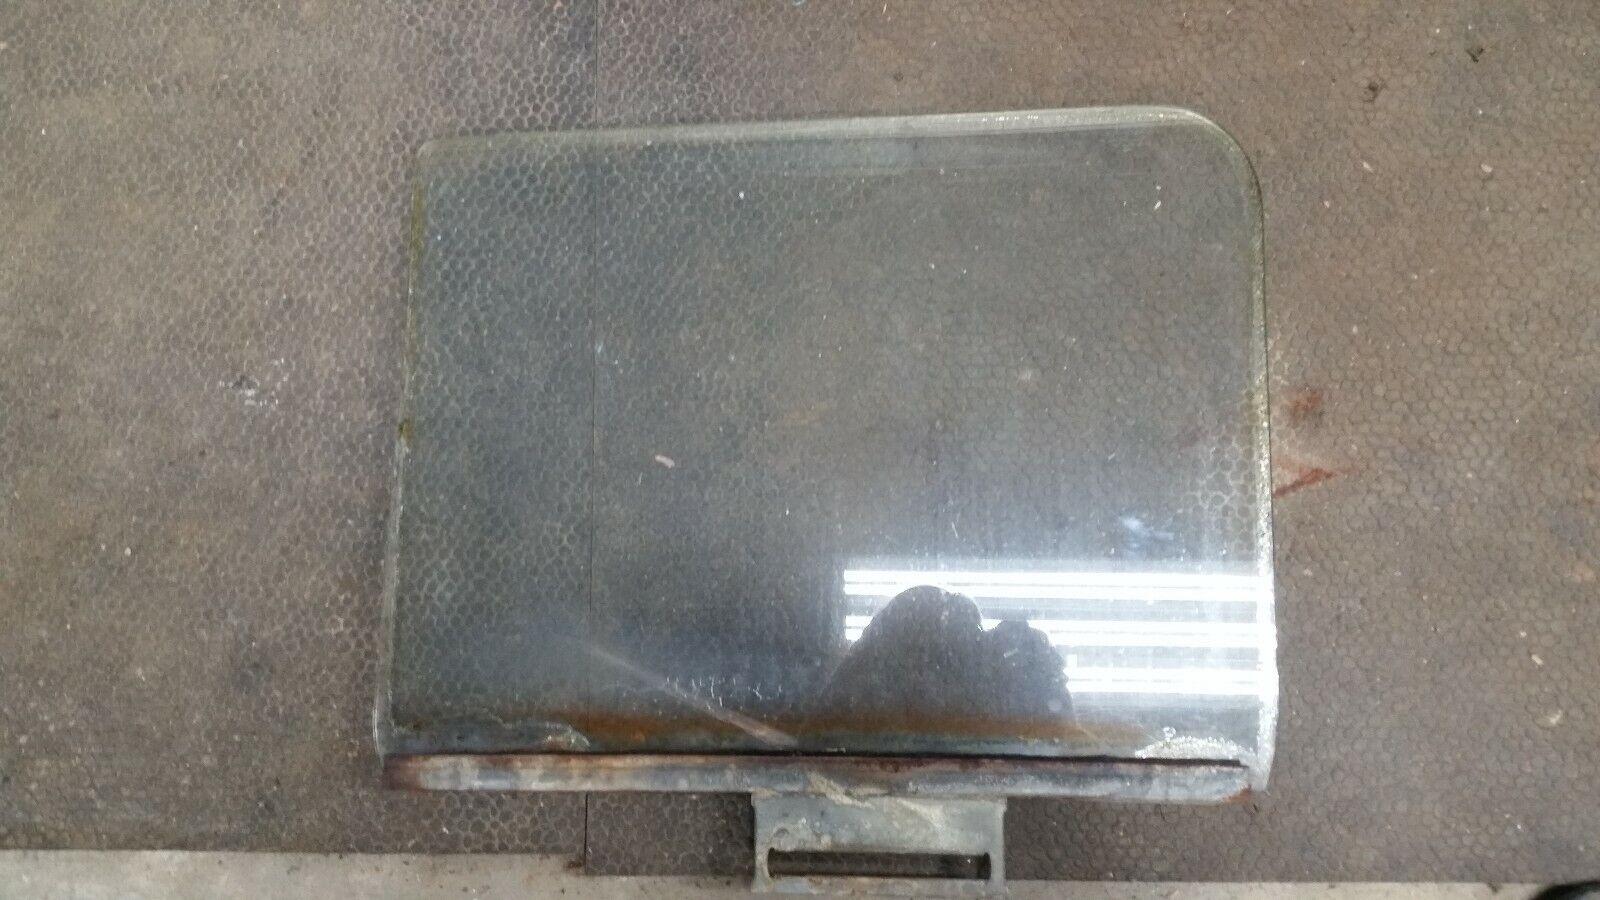 1948 1949 1950 1951 dodge plymouth desoto left rear door glass oem